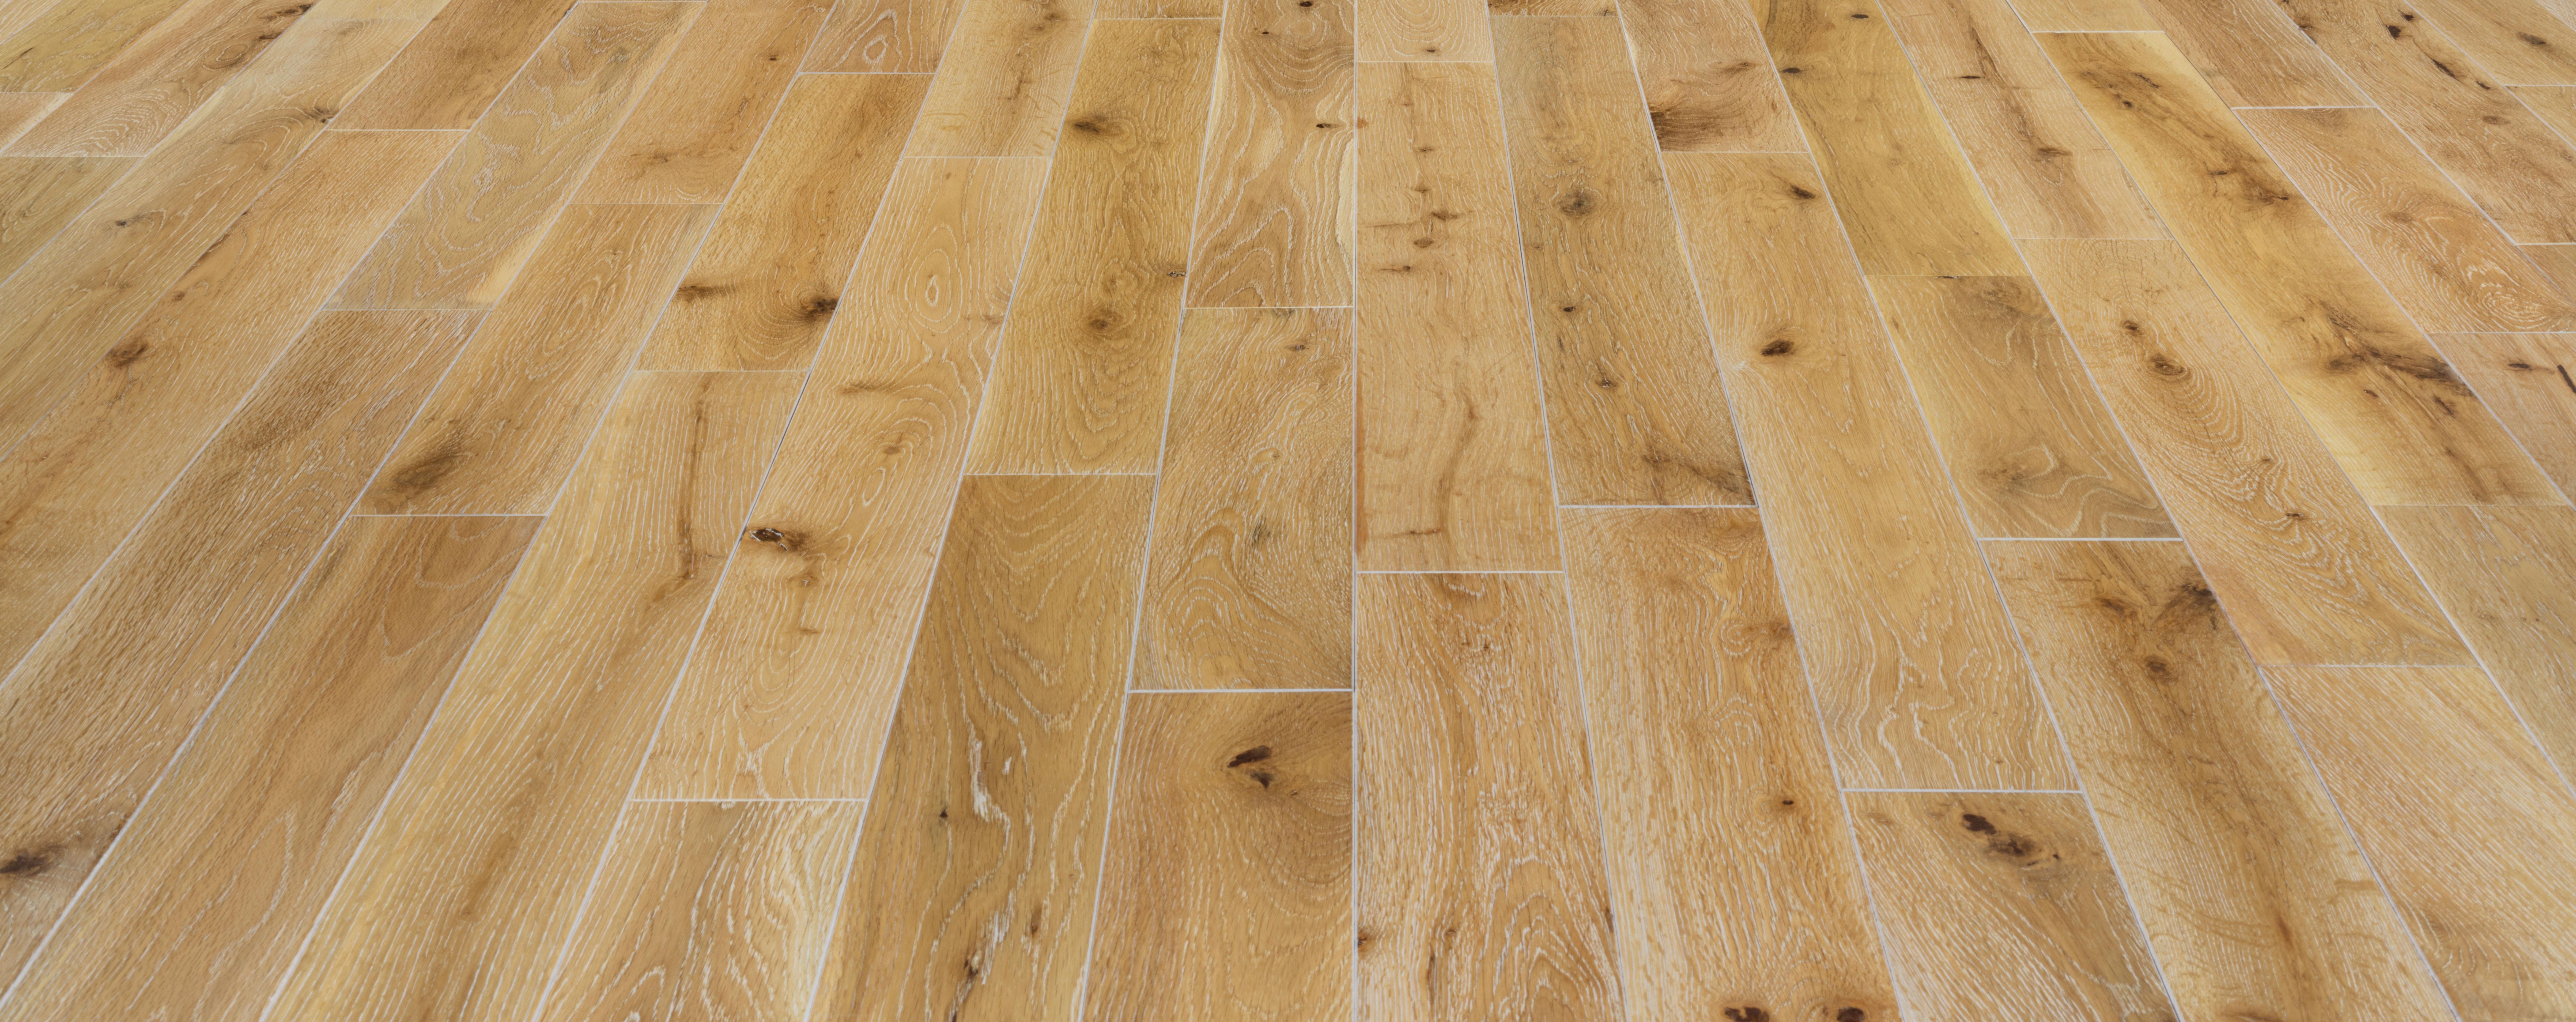 23 Famous 3 Engineered Hardwood Flooring 2021 free download 3 engineered hardwood flooring of harbor oak 3 1 2e280b3 white oak white washed etx surfaces regarding etx surfaces harbor oak white oak white washed wood flooring